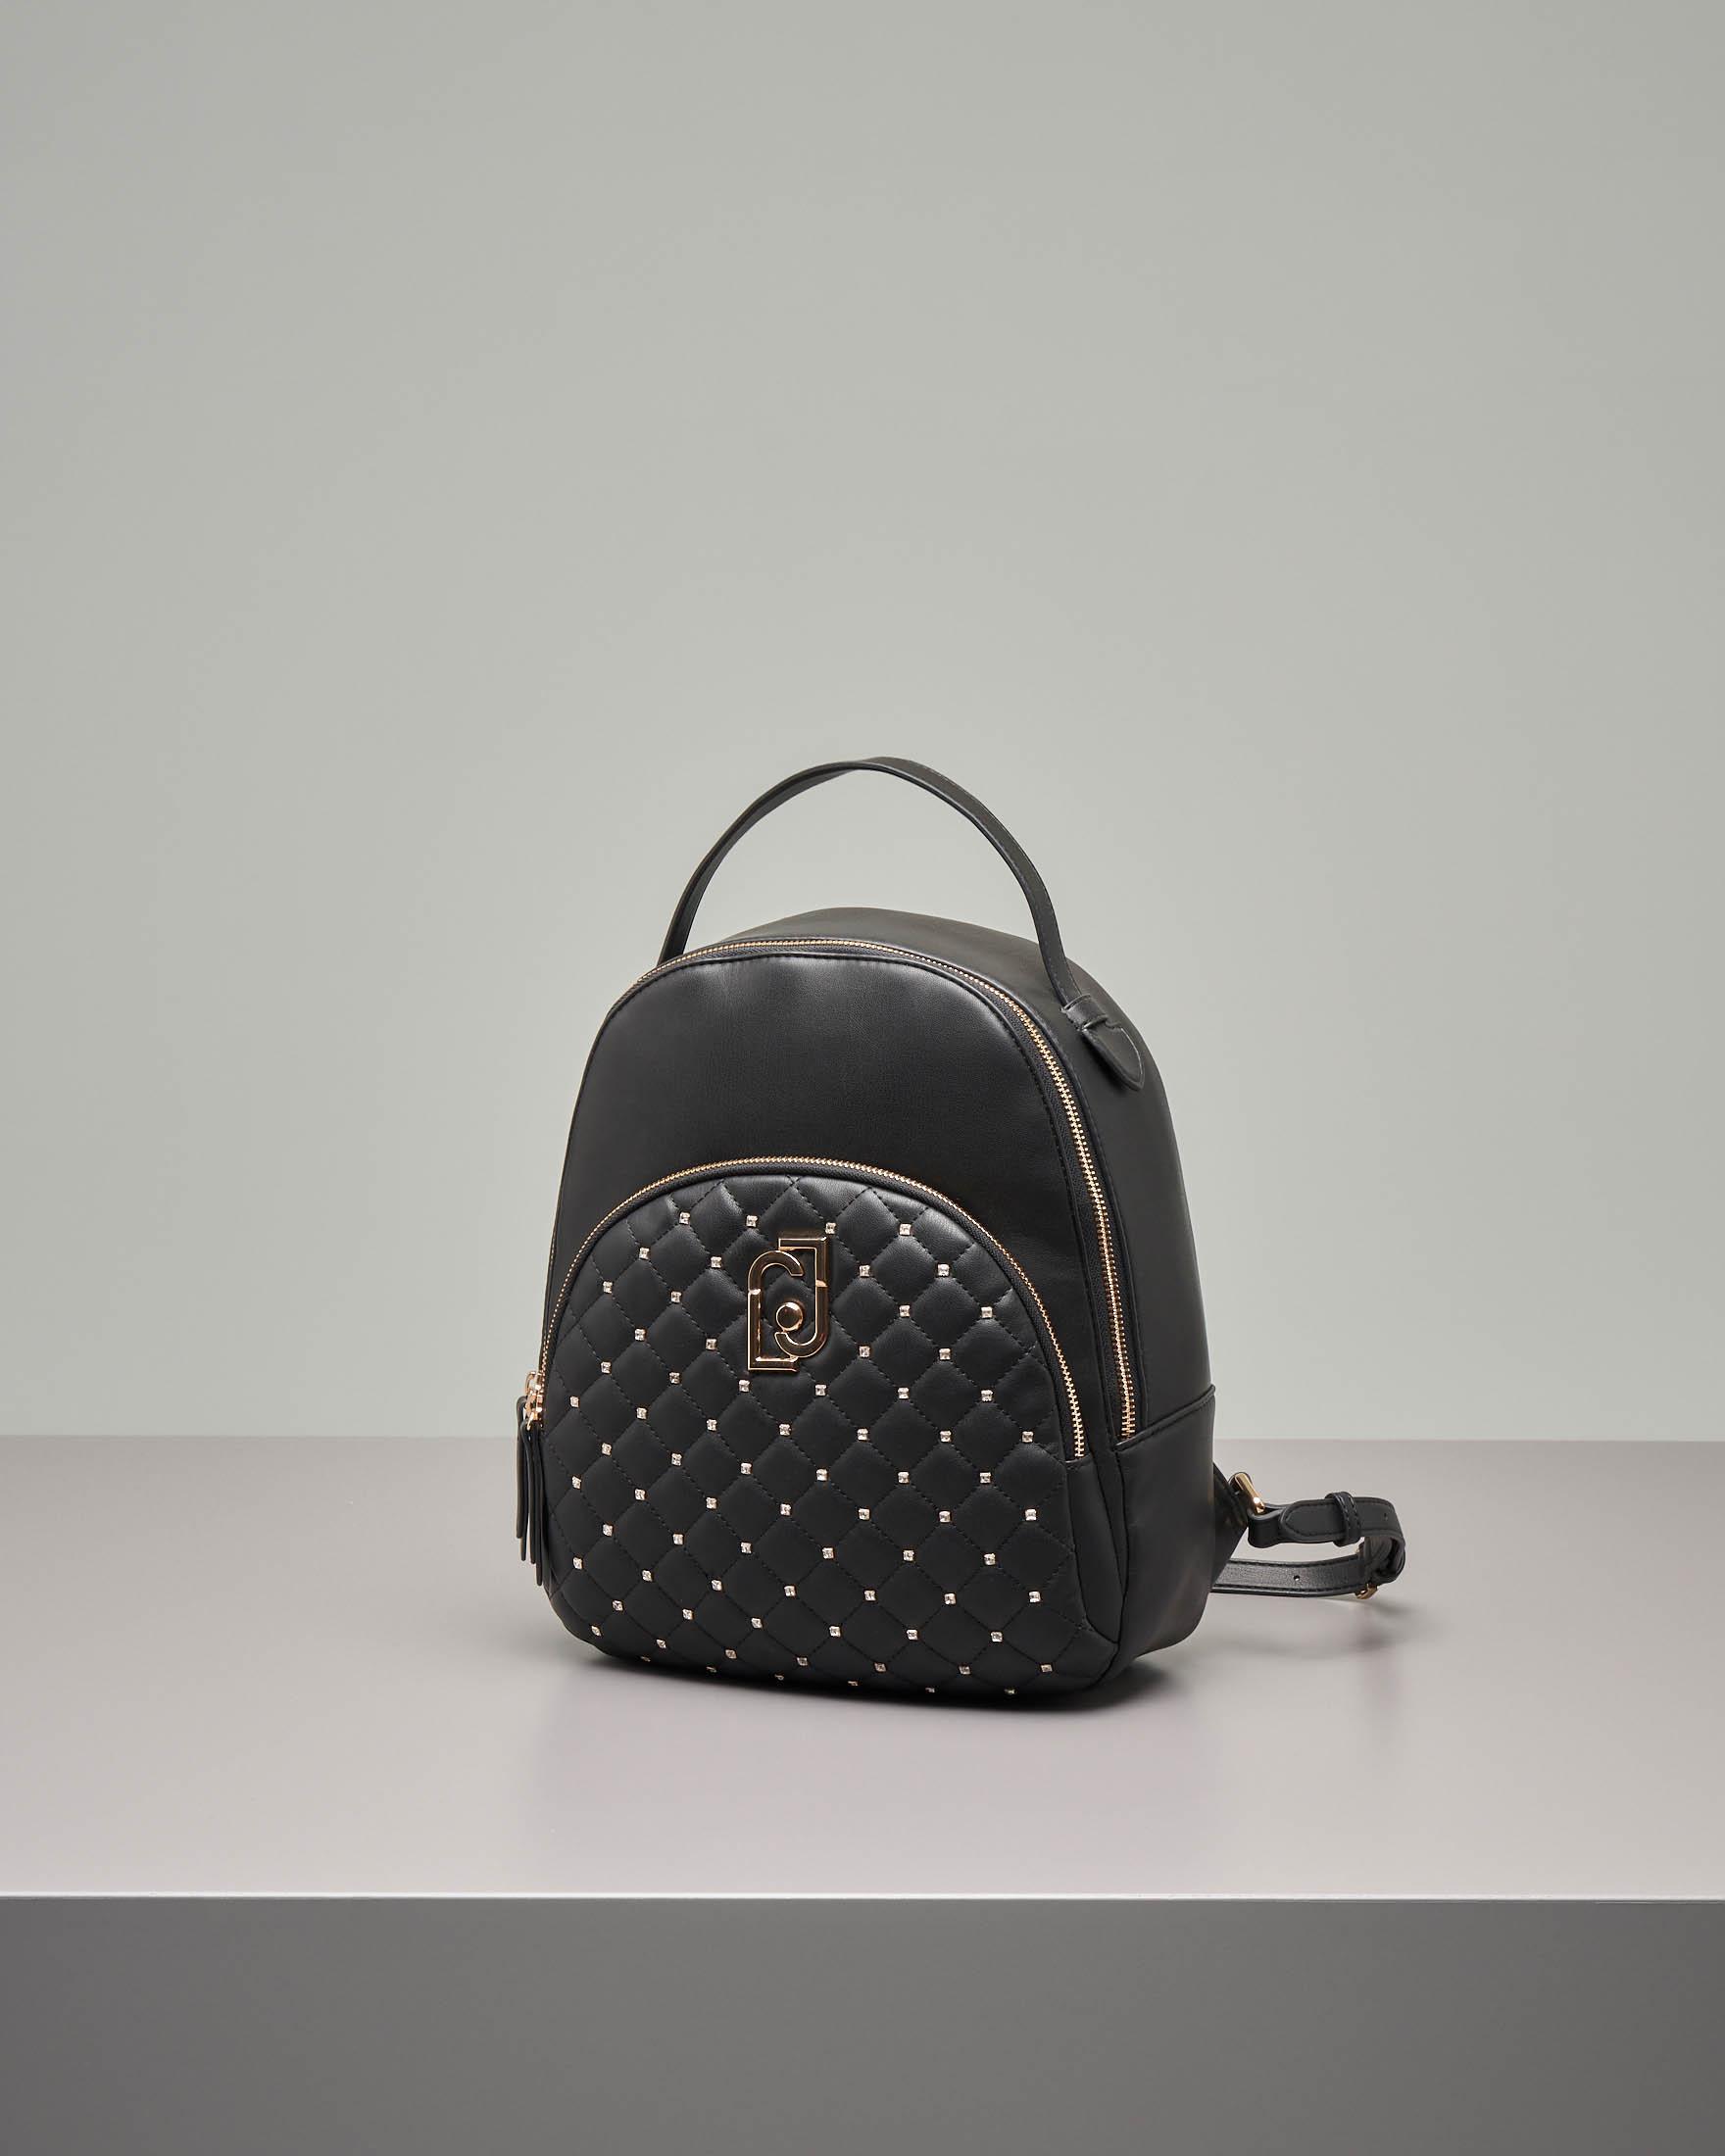 Zaino nero in ecopelle con tasca con disegno trapuntato e strass applicati